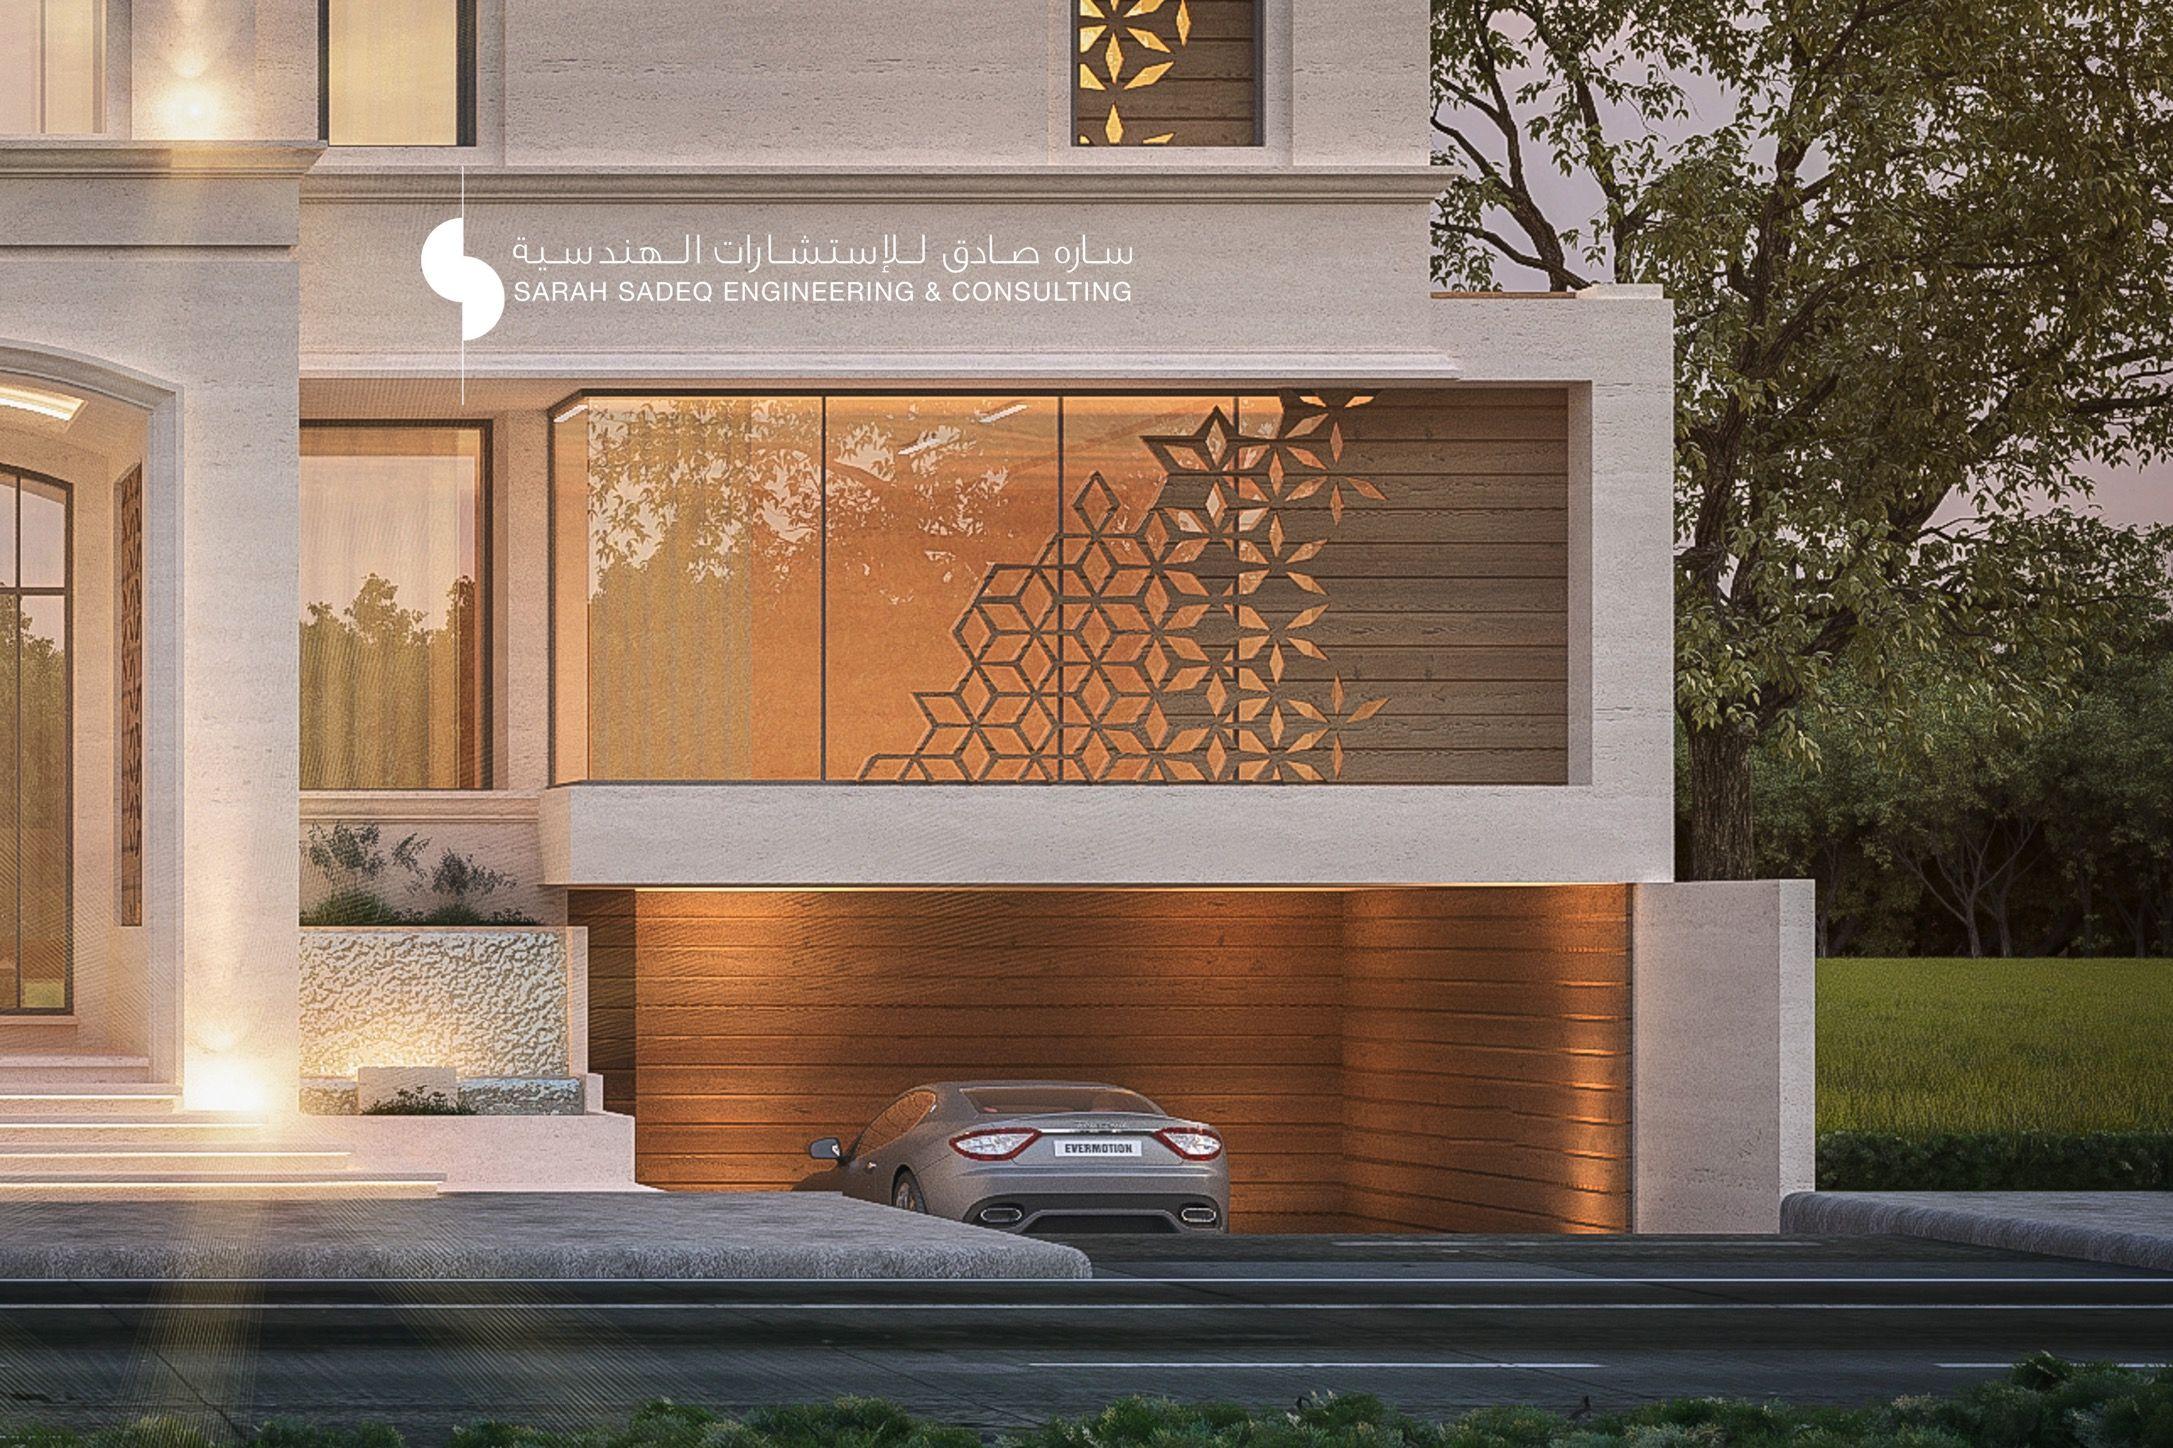 Award winning house at kk nagar chennai designed by ansari architects - Sarah Sadeq Architects